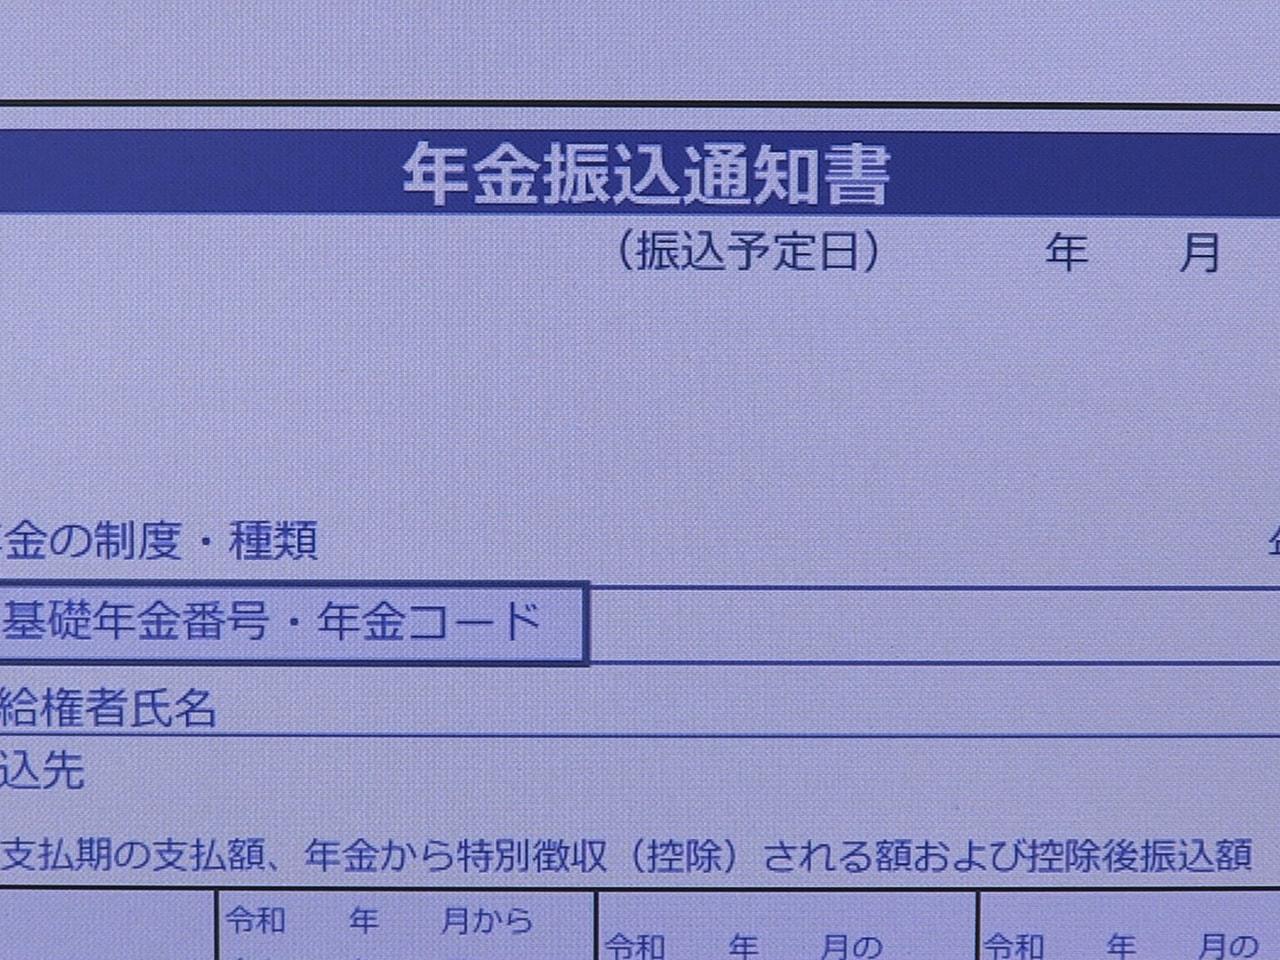 愛知県や三重県などで、年金の振込通知書が誤って送付されて個人情報が漏えいした問題...